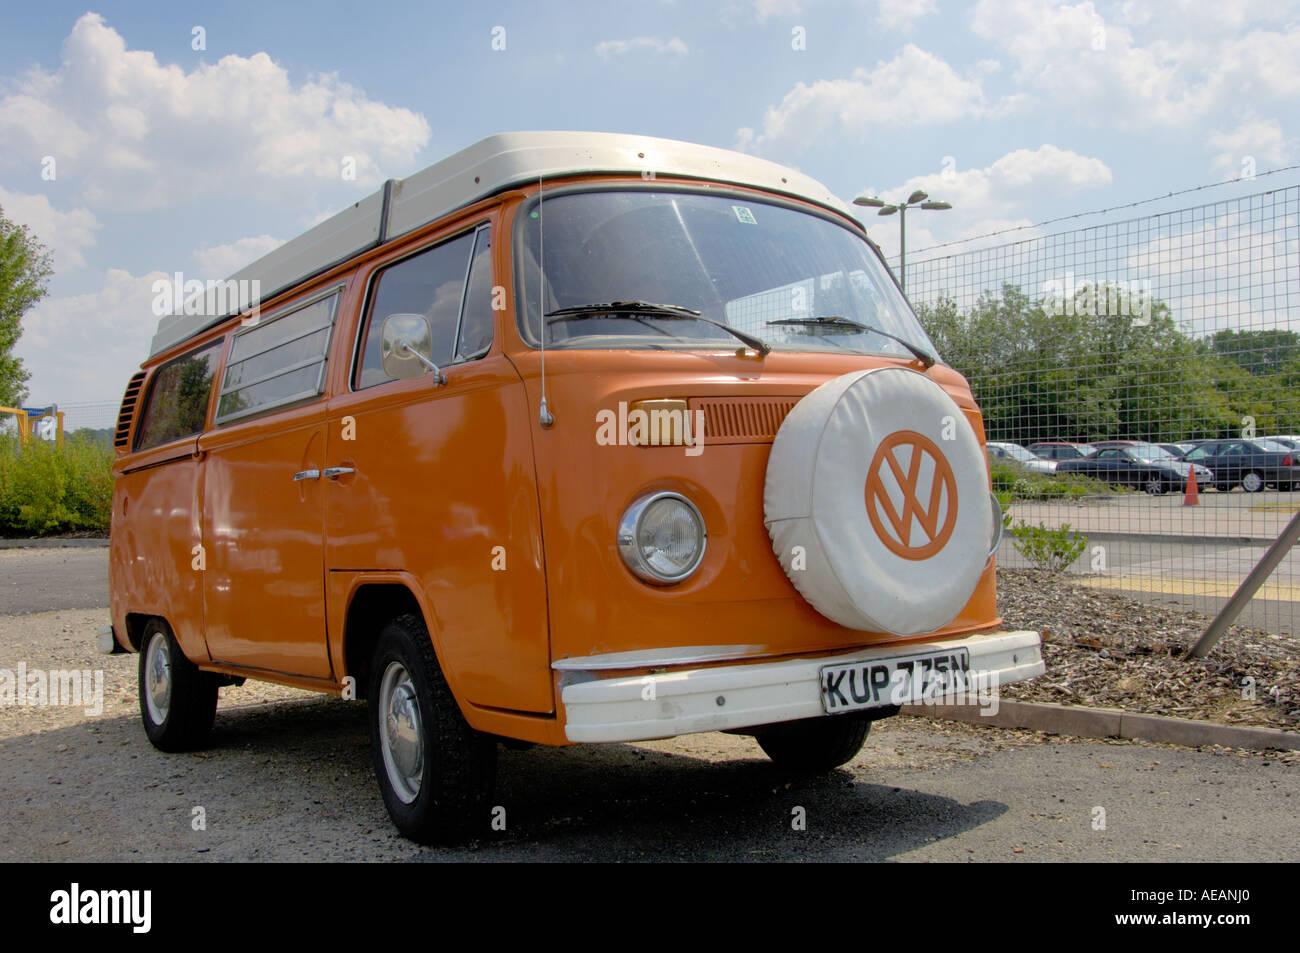 Orange Volkswagon camper van - Stock Image